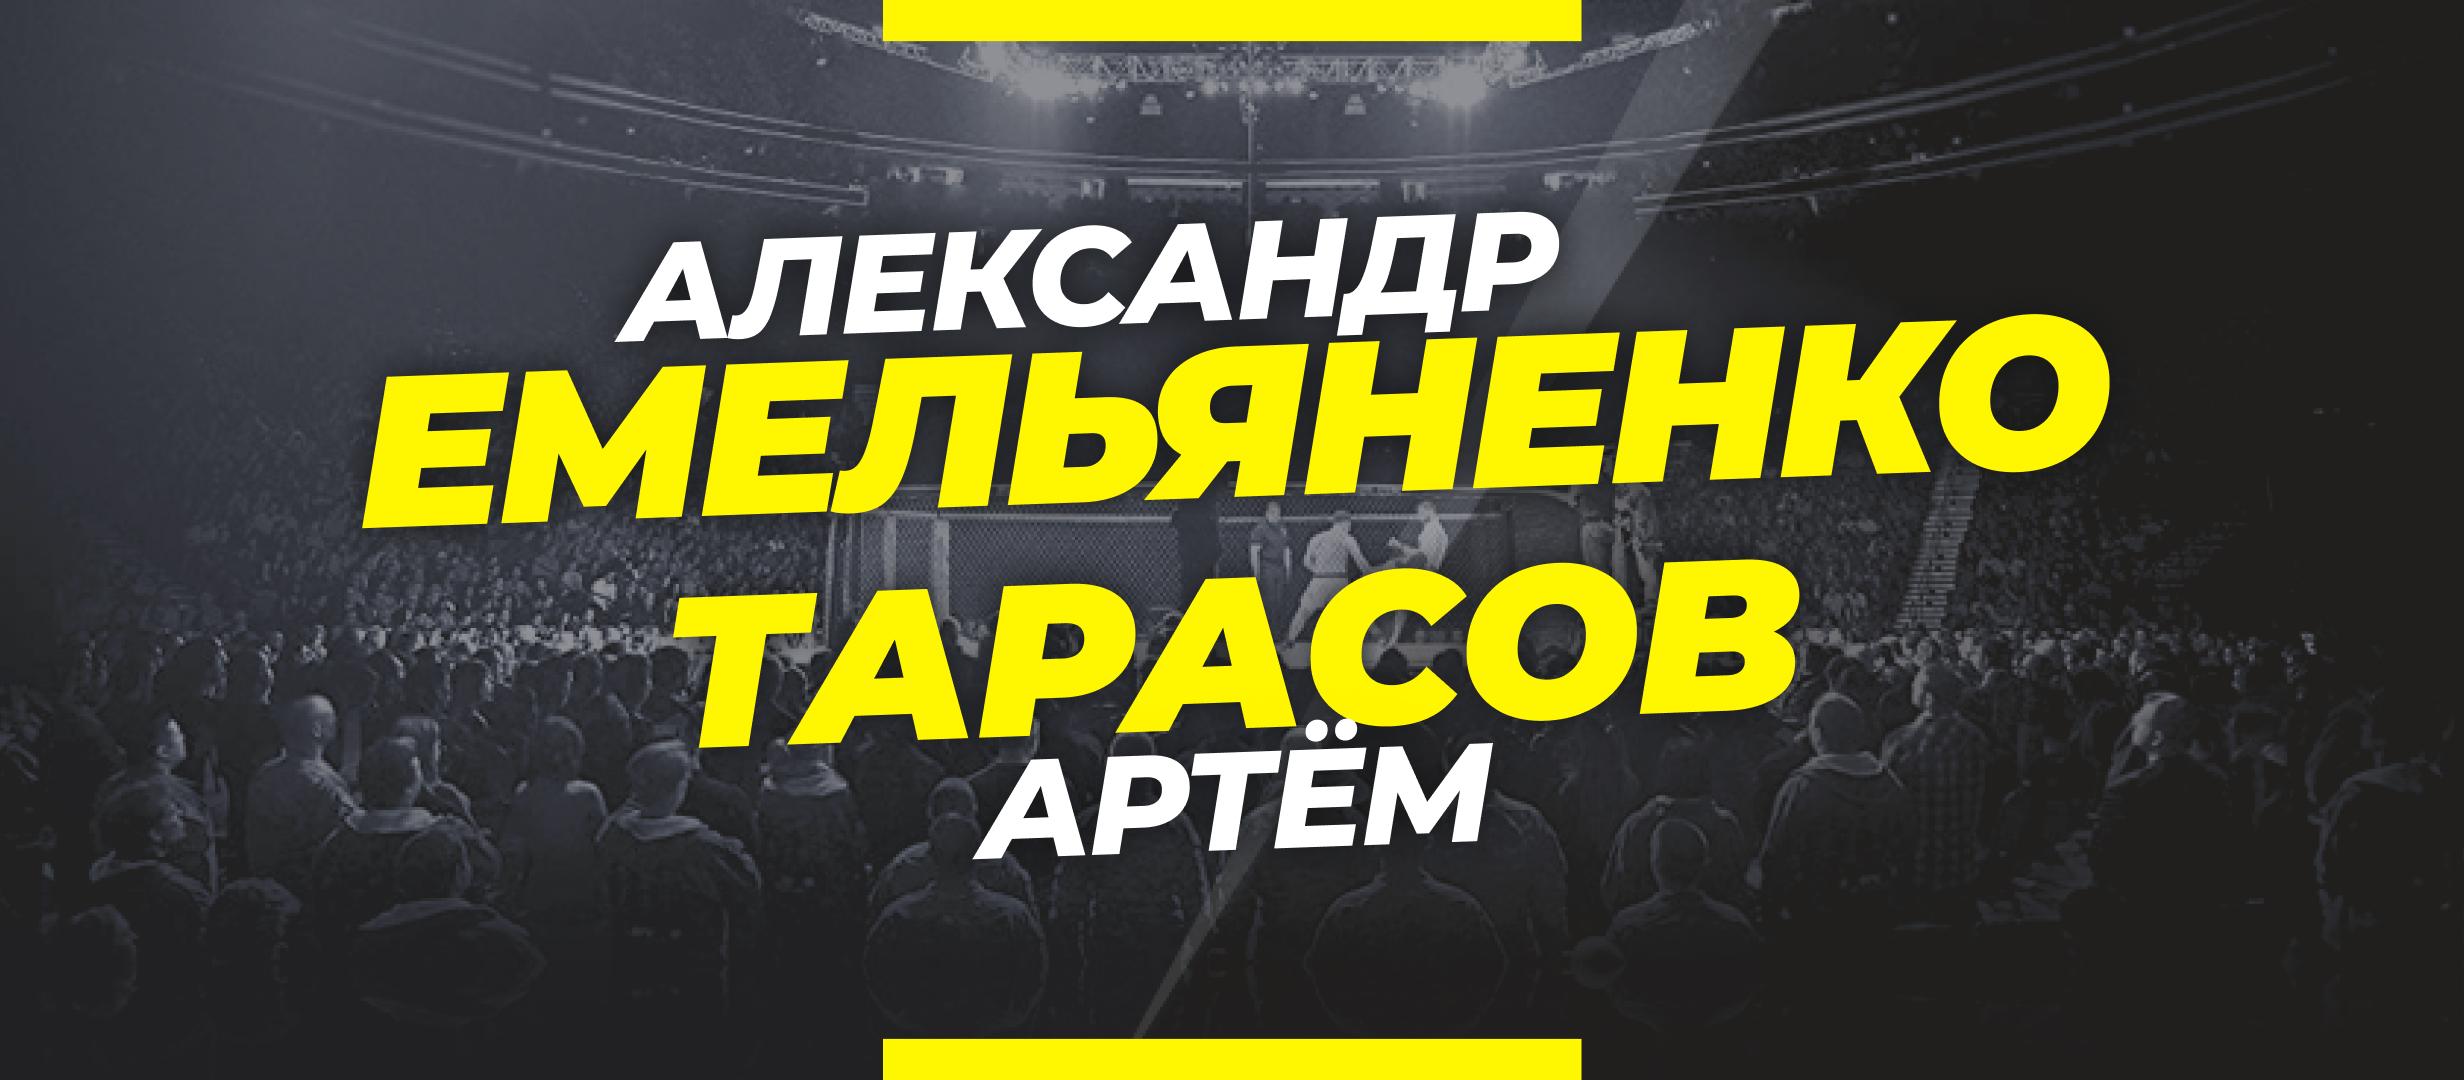 Емельяненко — Тарасов: ставки и коэффициенты на бой